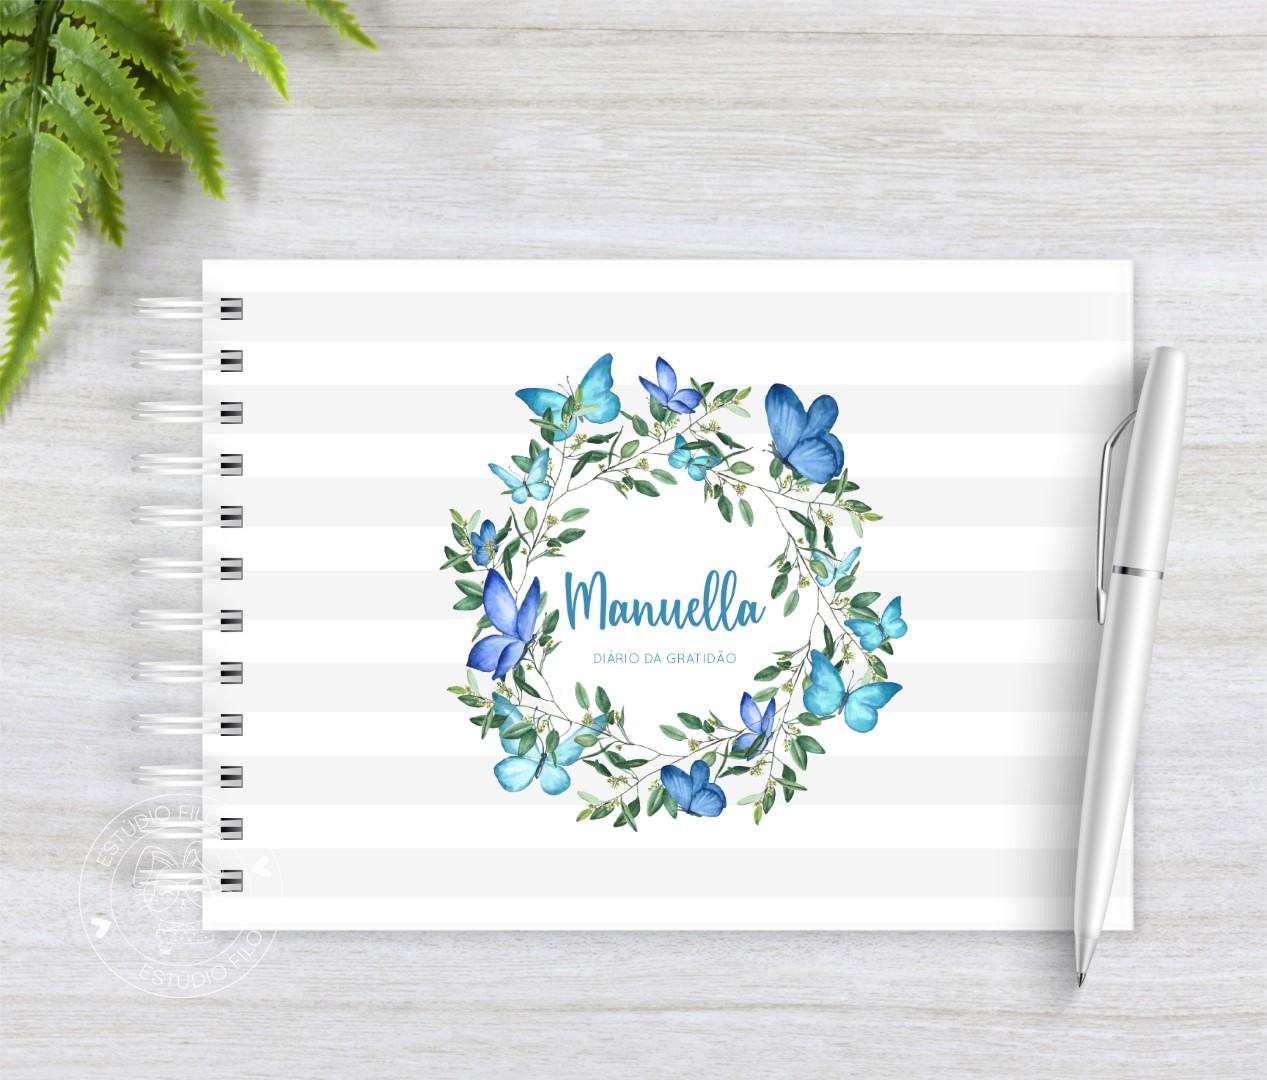 Diário da Gratidão guirlanda floral